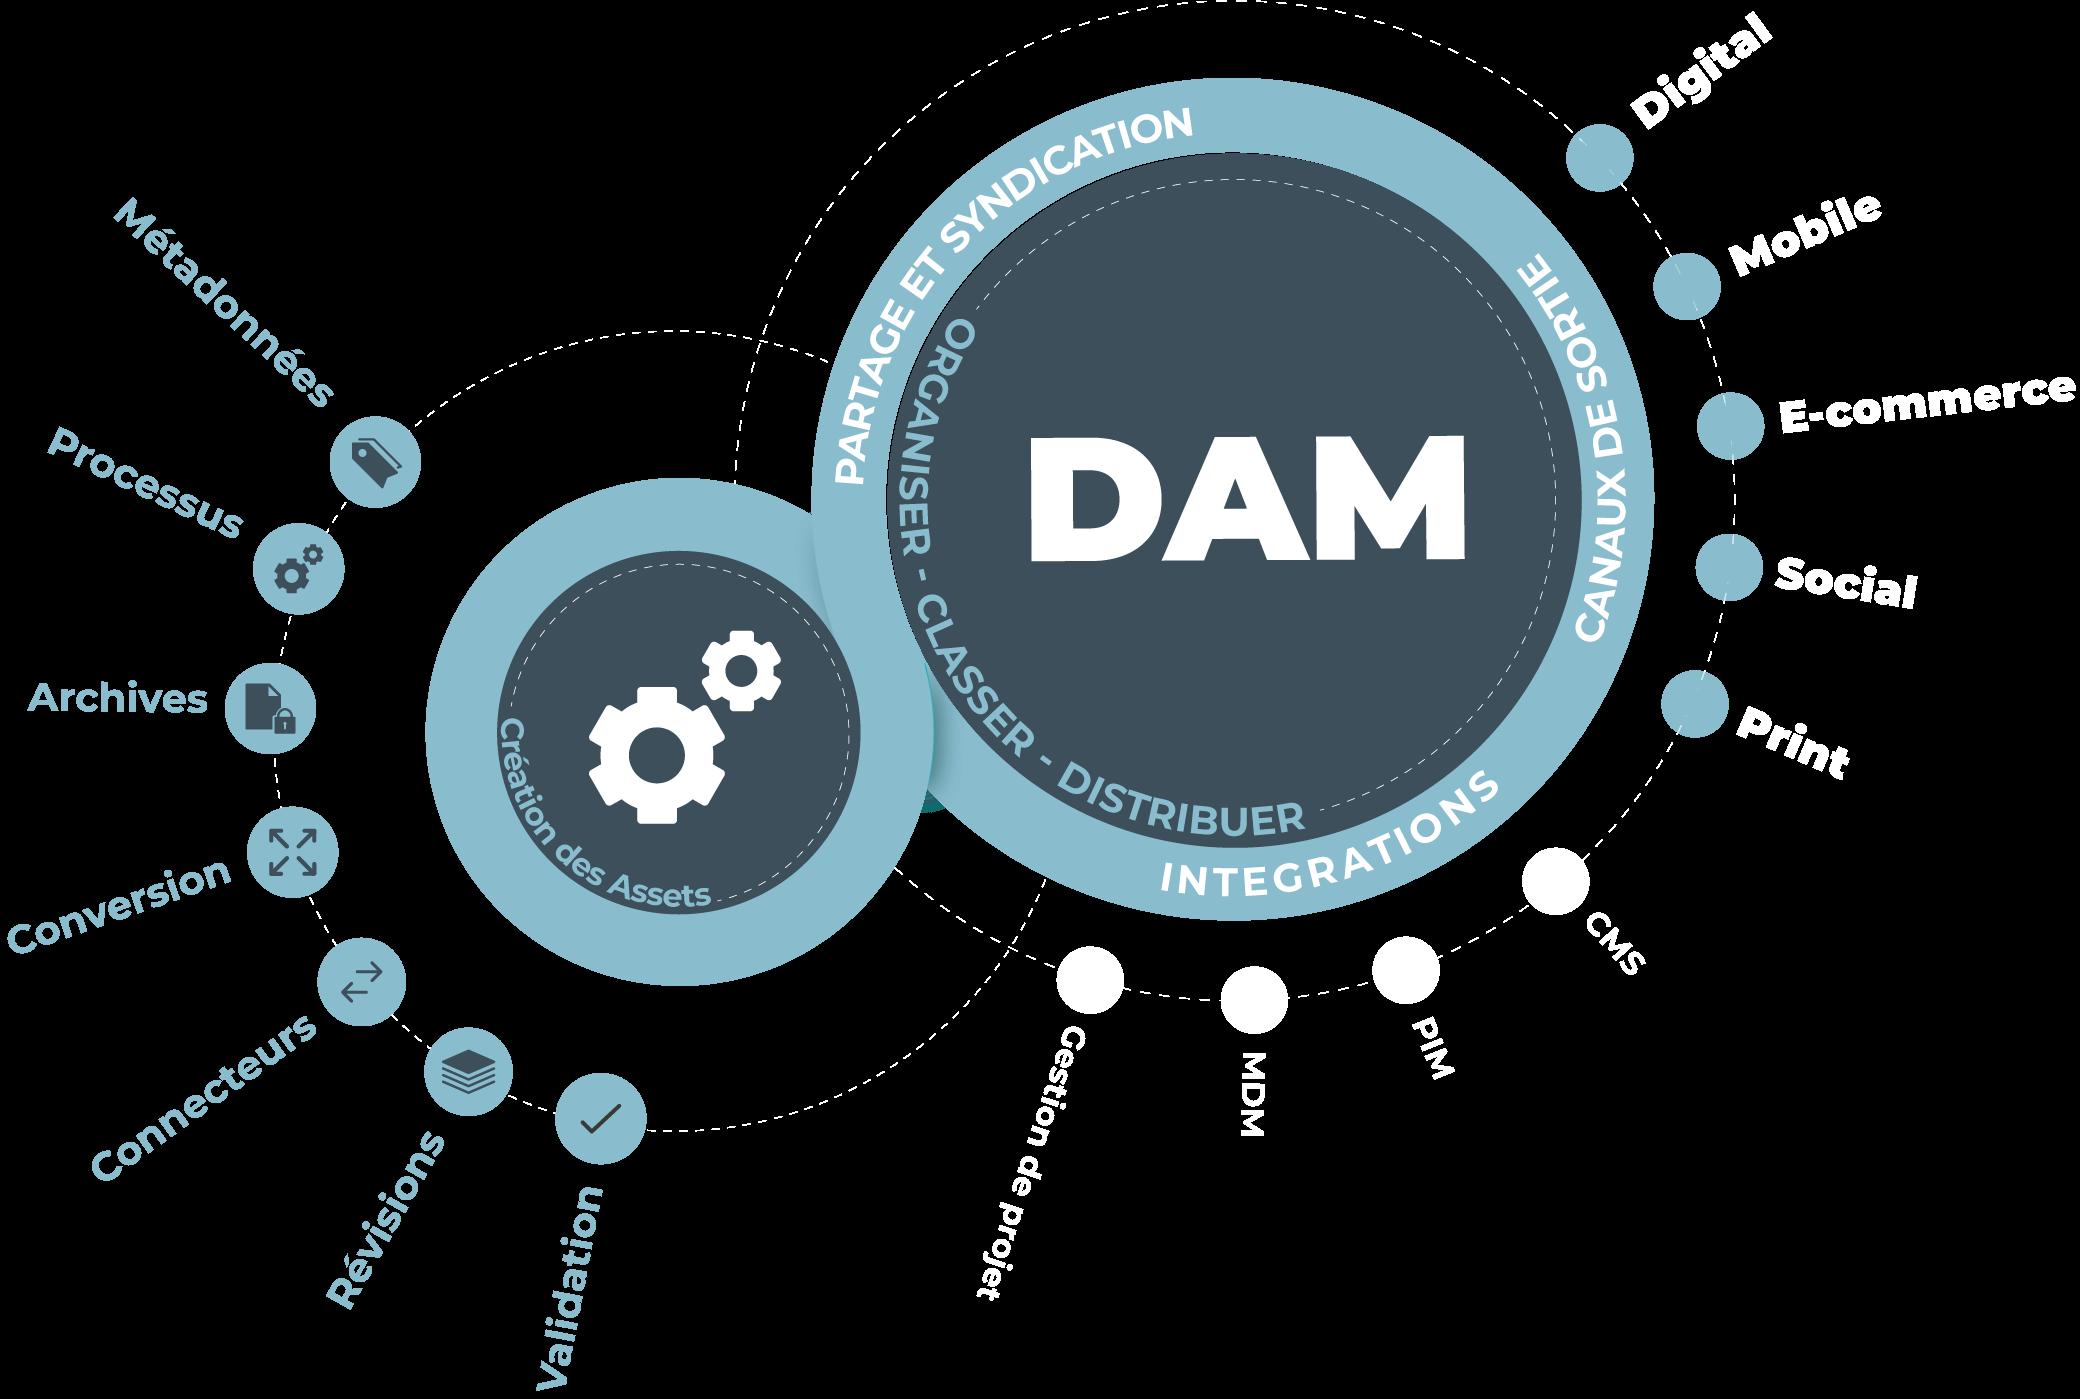 Le Digital Asset Management (DAM) est destiné à la gestion et au stockage des ressources numériques de l'entreprise.